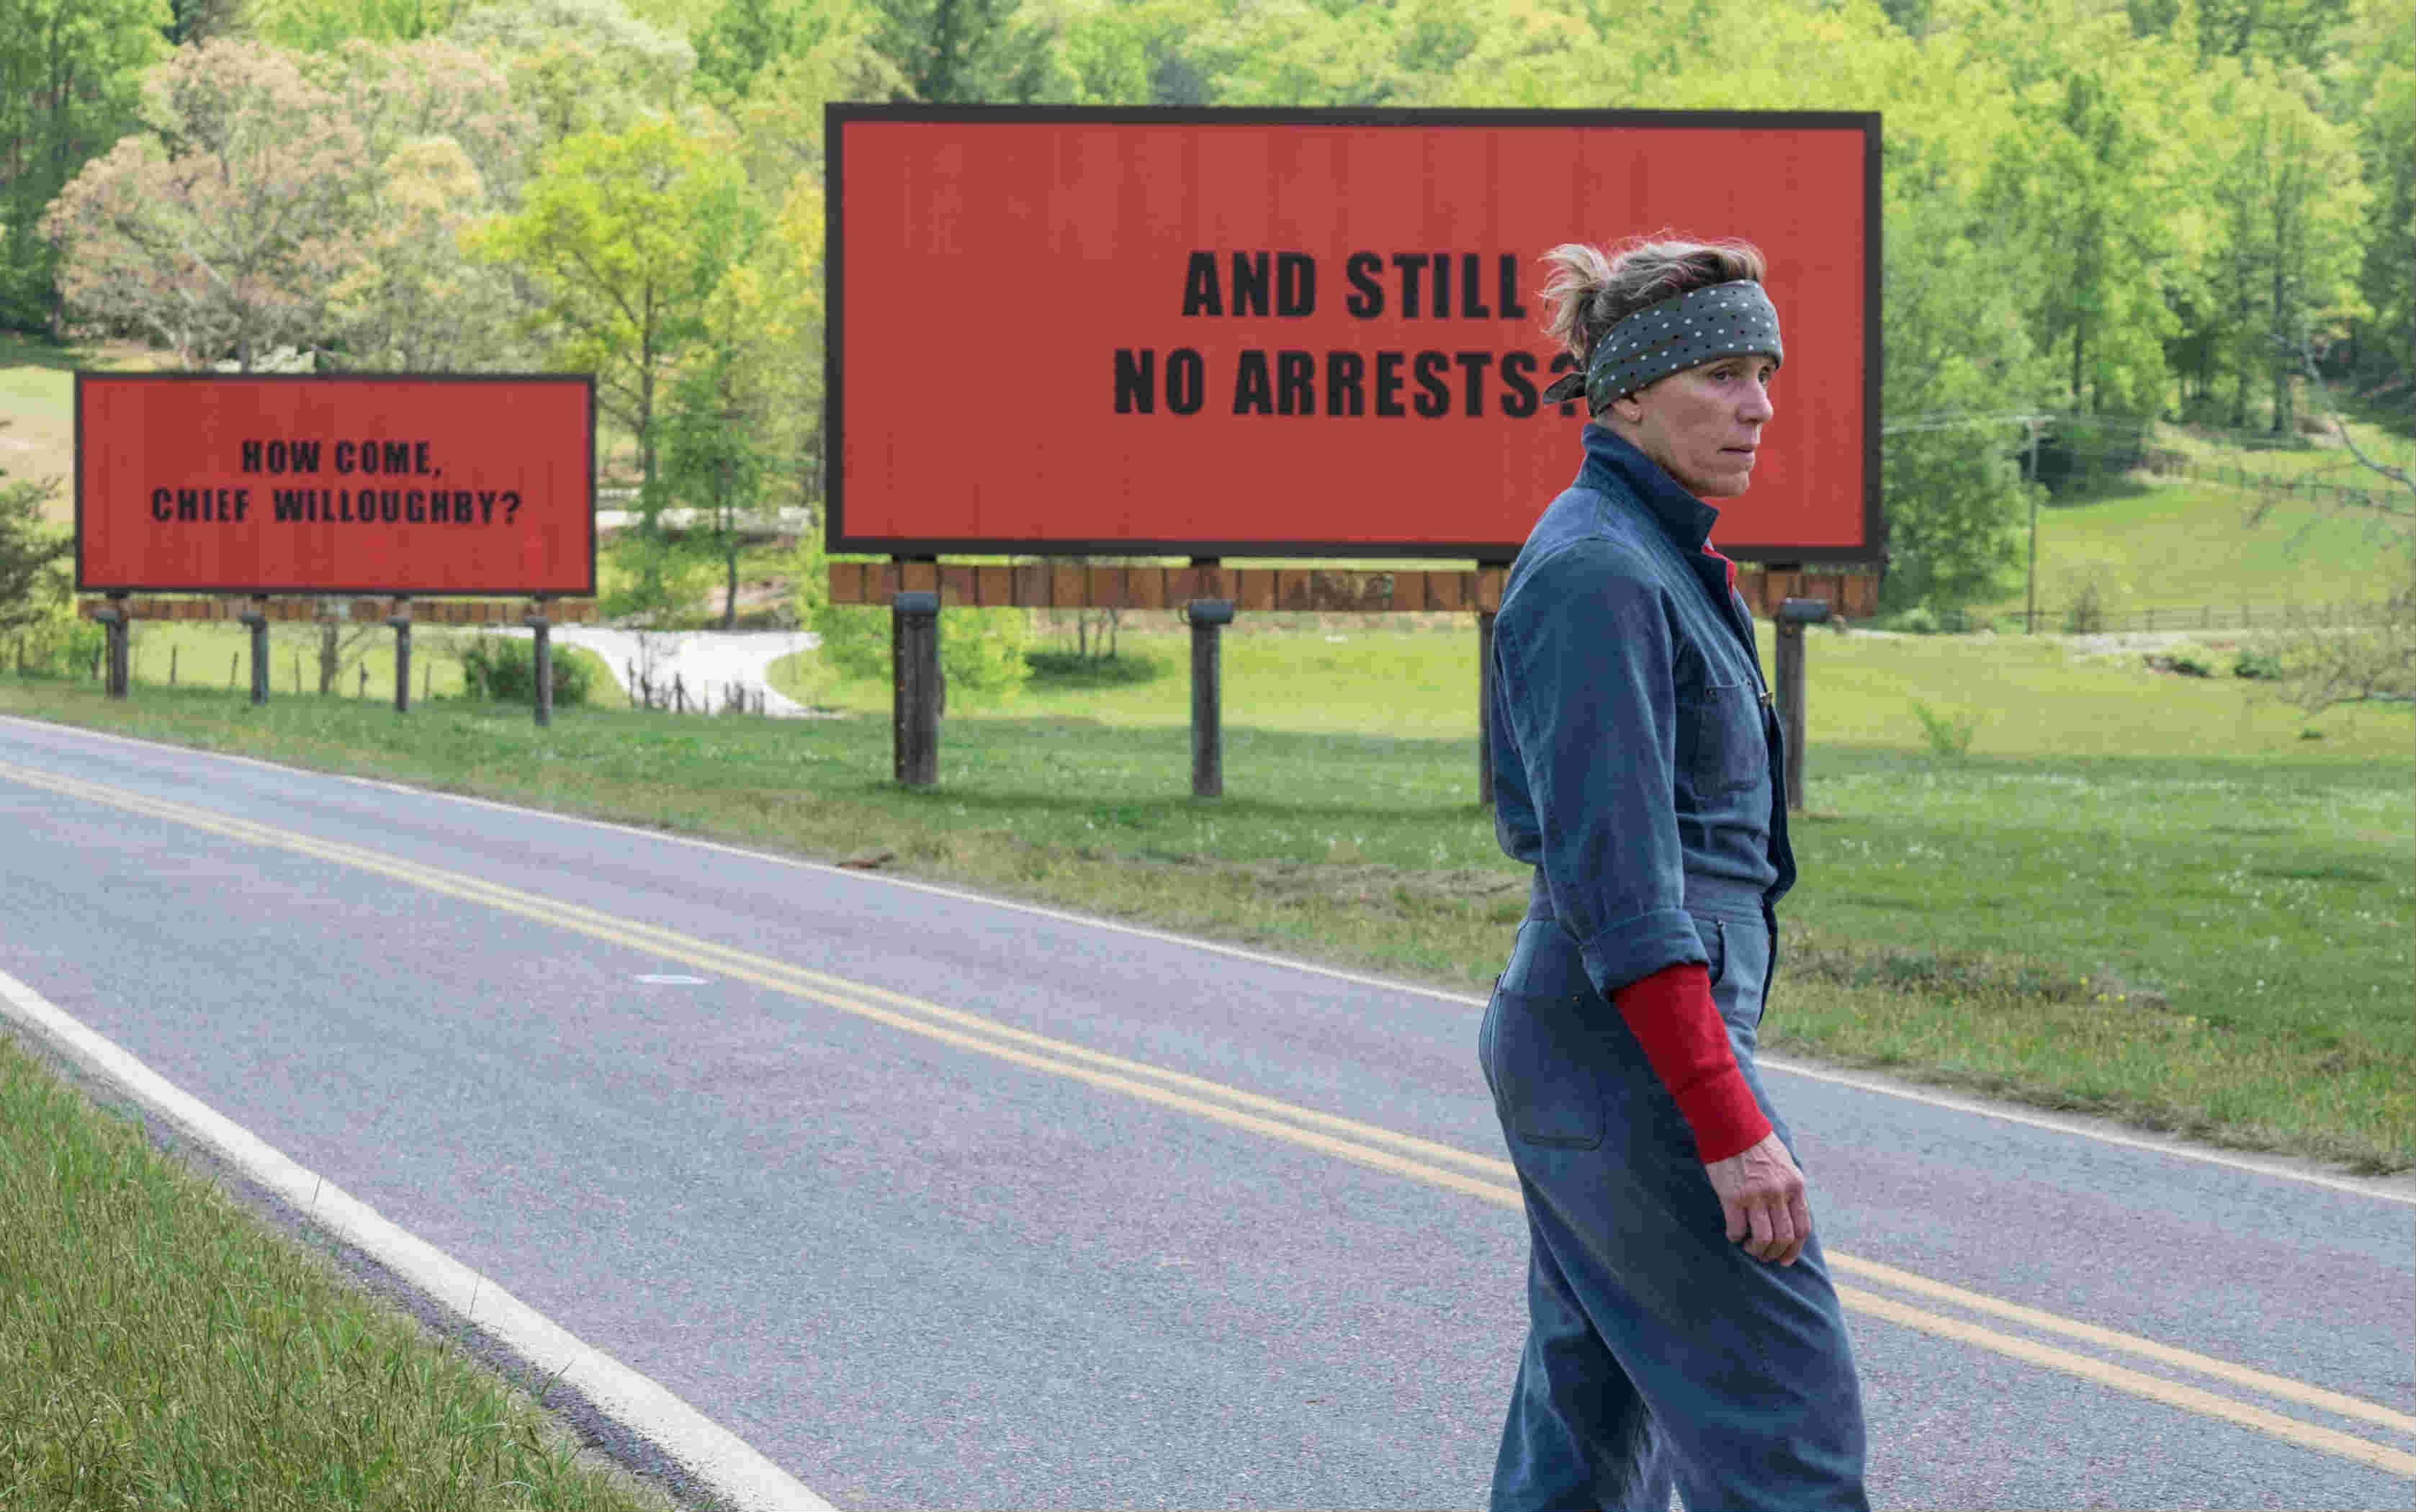 来看看今年很可能拿奥斯卡最佳影片的创作有多牛逼!